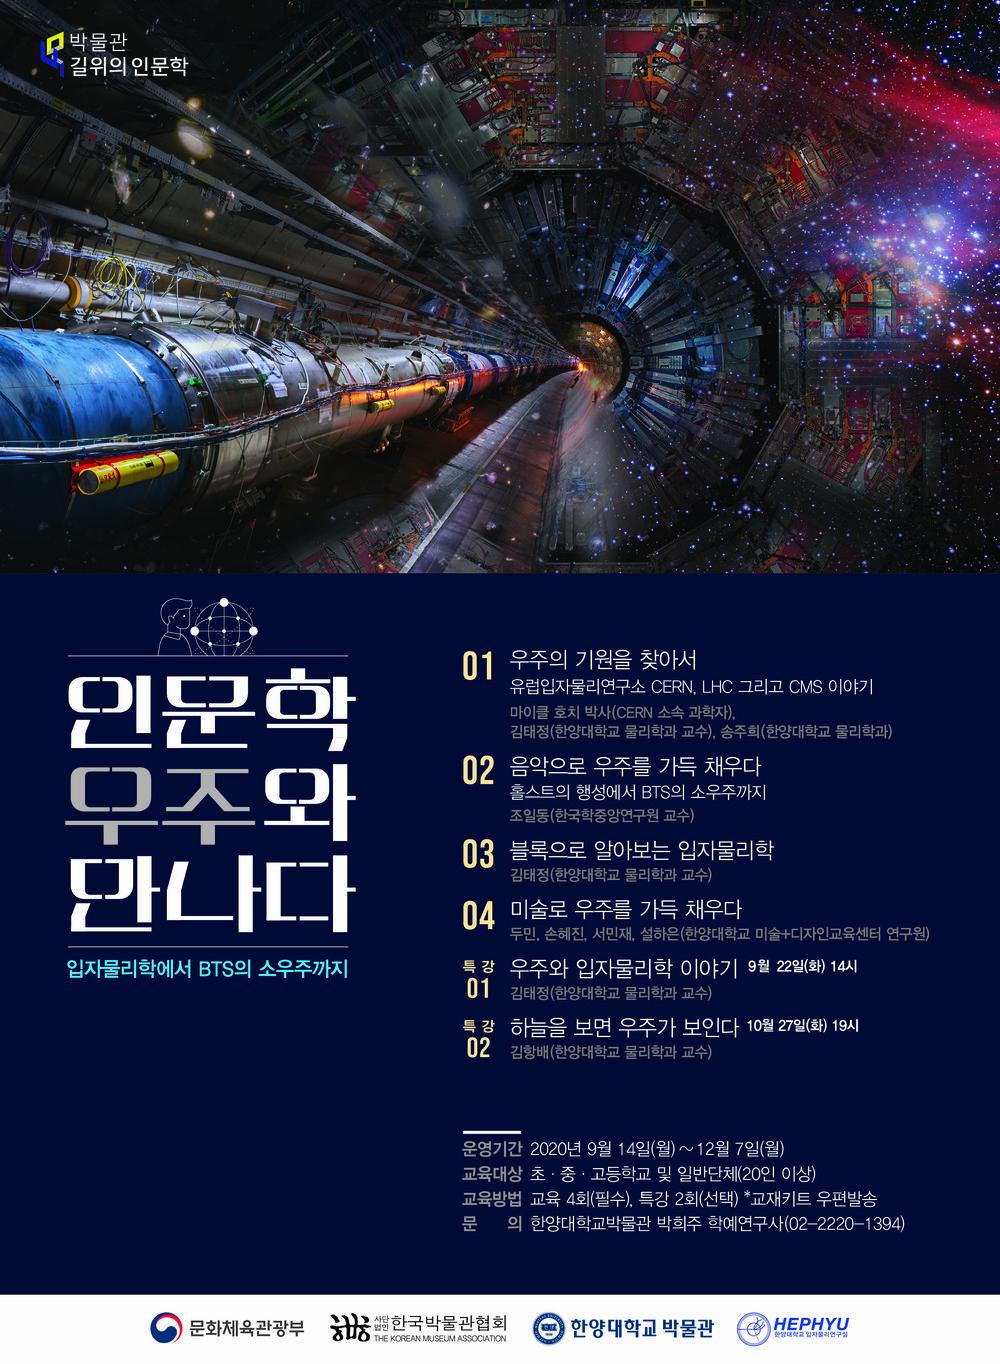 인문학, 우주와 만나다(한양대박물관) 포스터.jpg